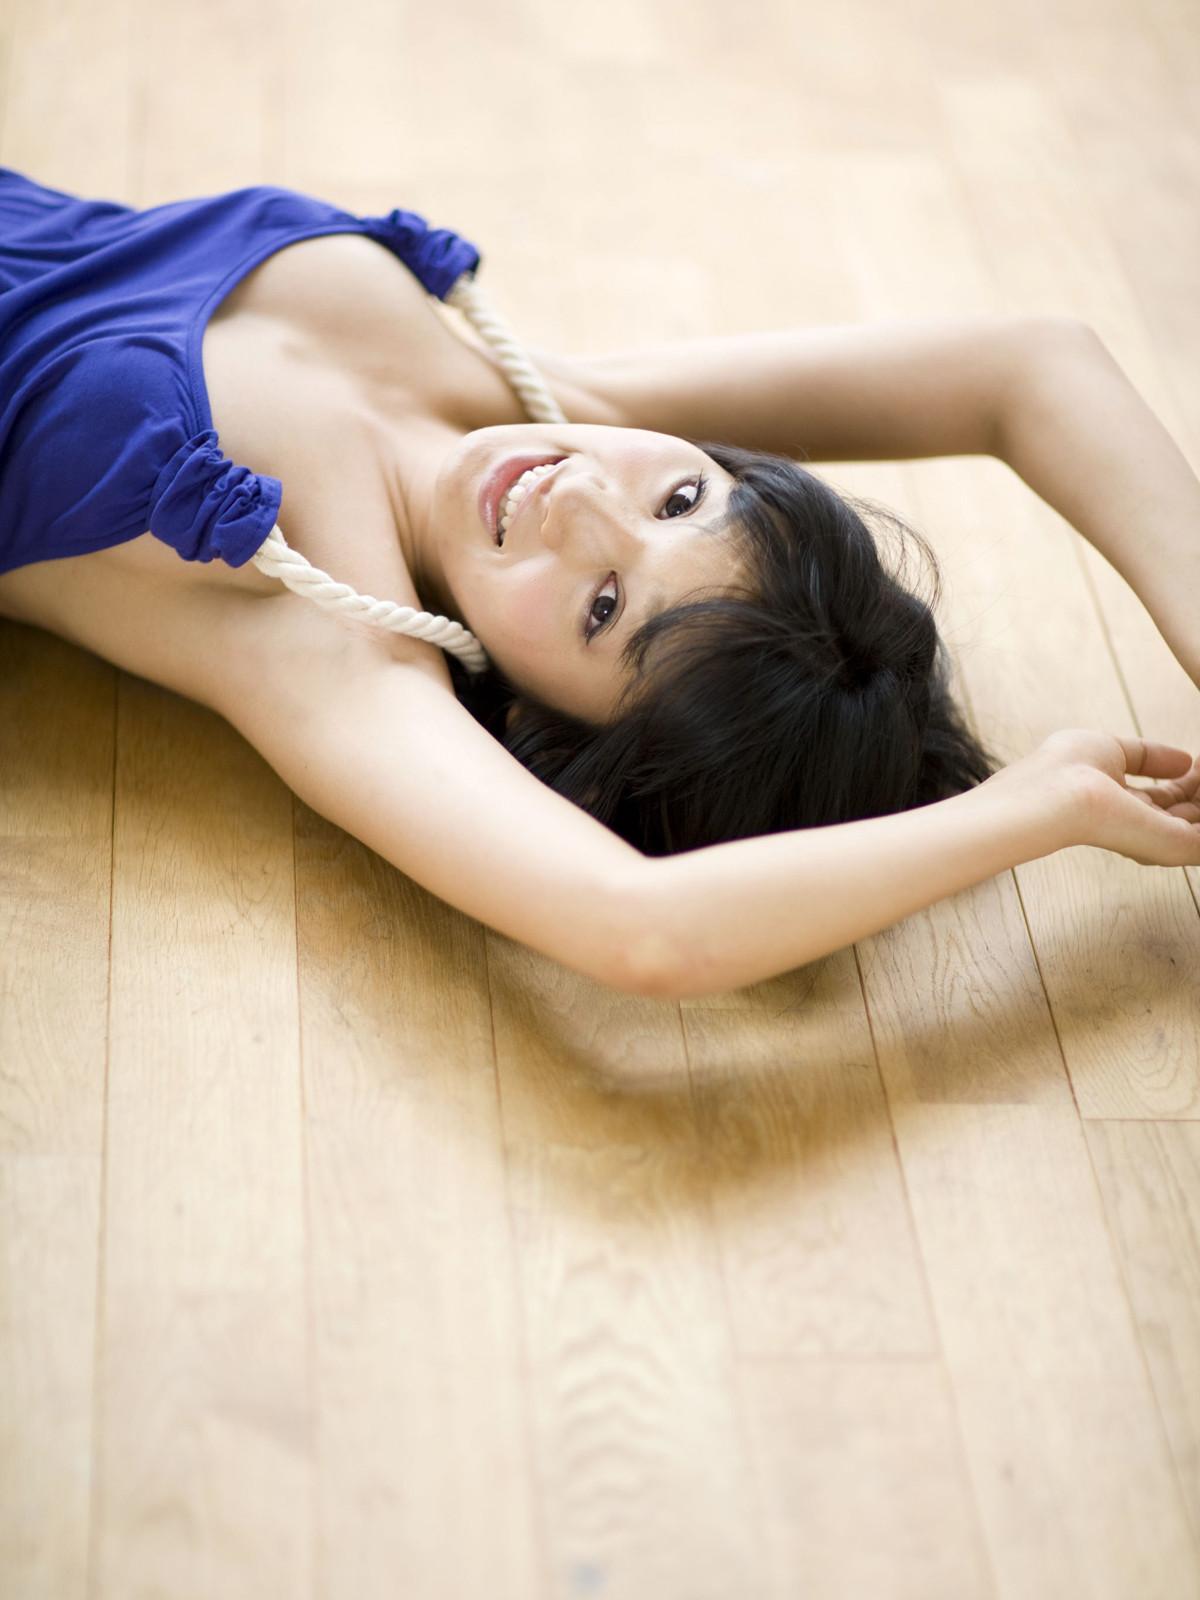 【腋フェチエロ画像】生乳はいいから…百歩譲っても舐めたい美女の腋www 03